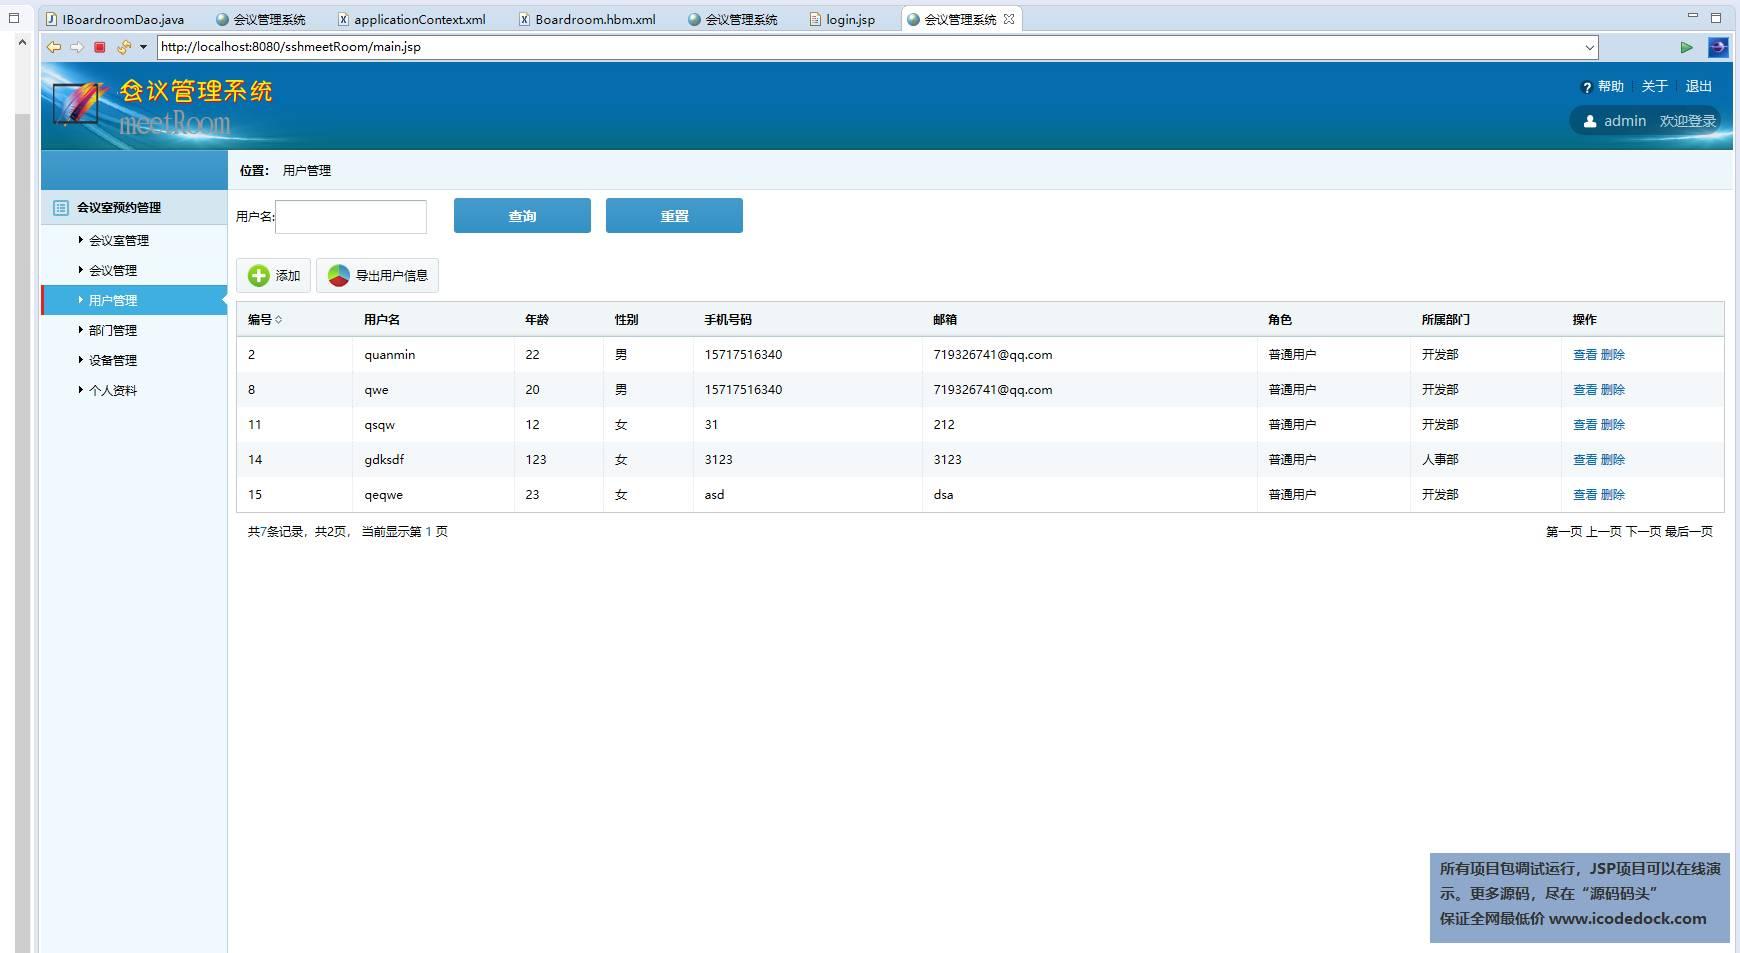 源码码头-SSH会议室管理系统-管理员角色-用户管理